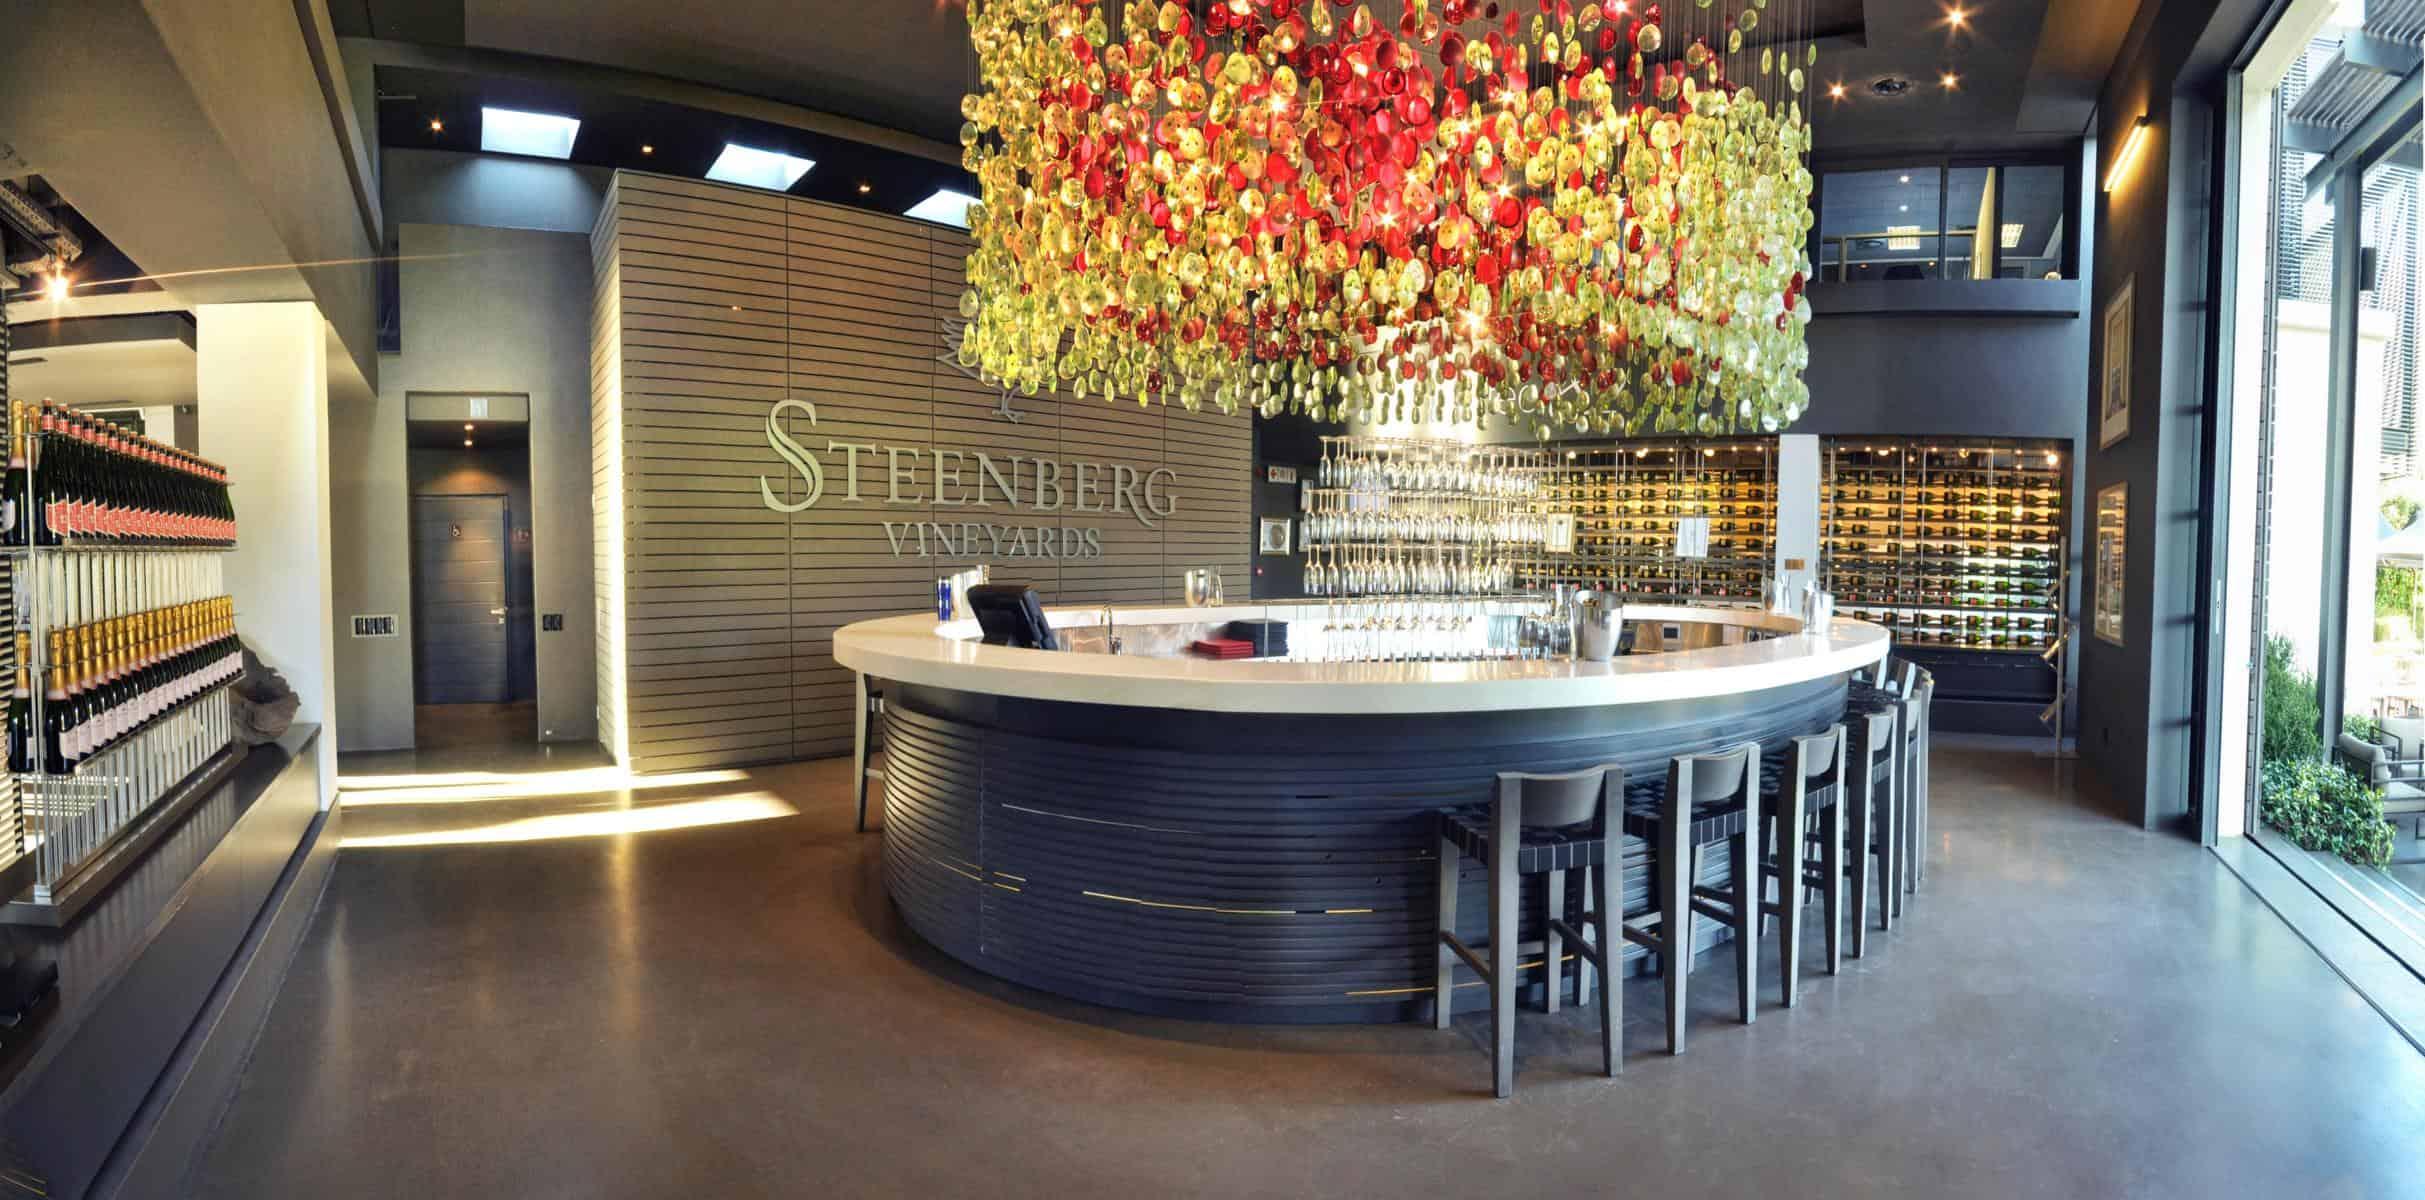 Steenberg-Farm-Wine-Tasting-Room-Inside